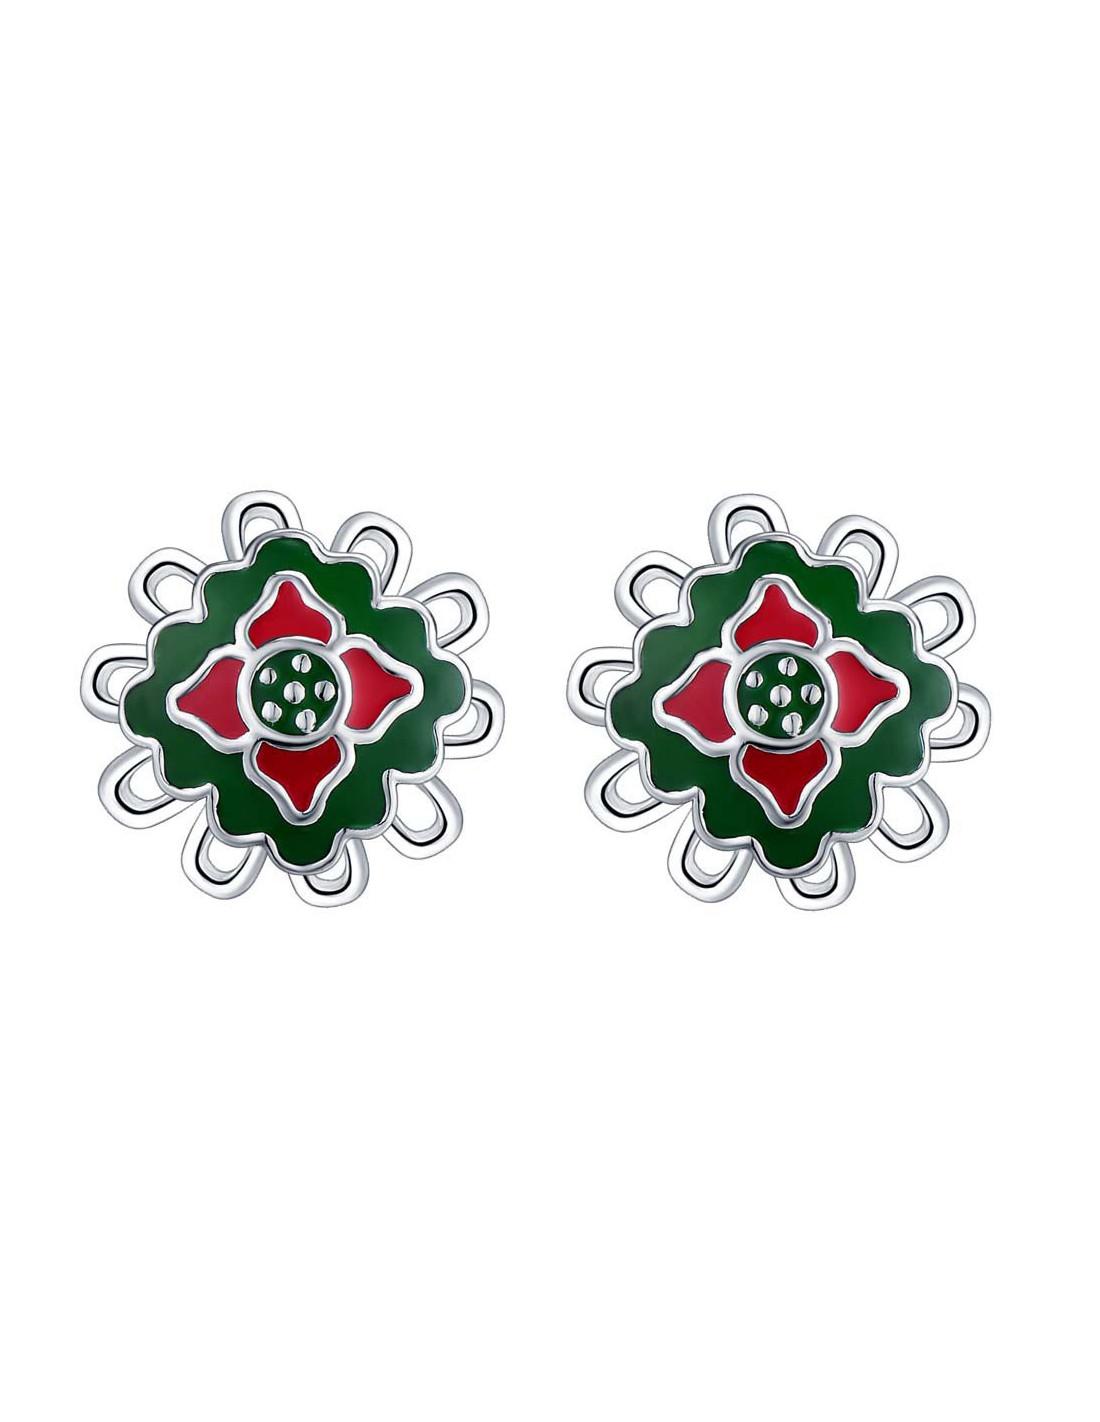 Cercei Placati Cu Argint Flori Cu Decor Verde Si Rosu Din